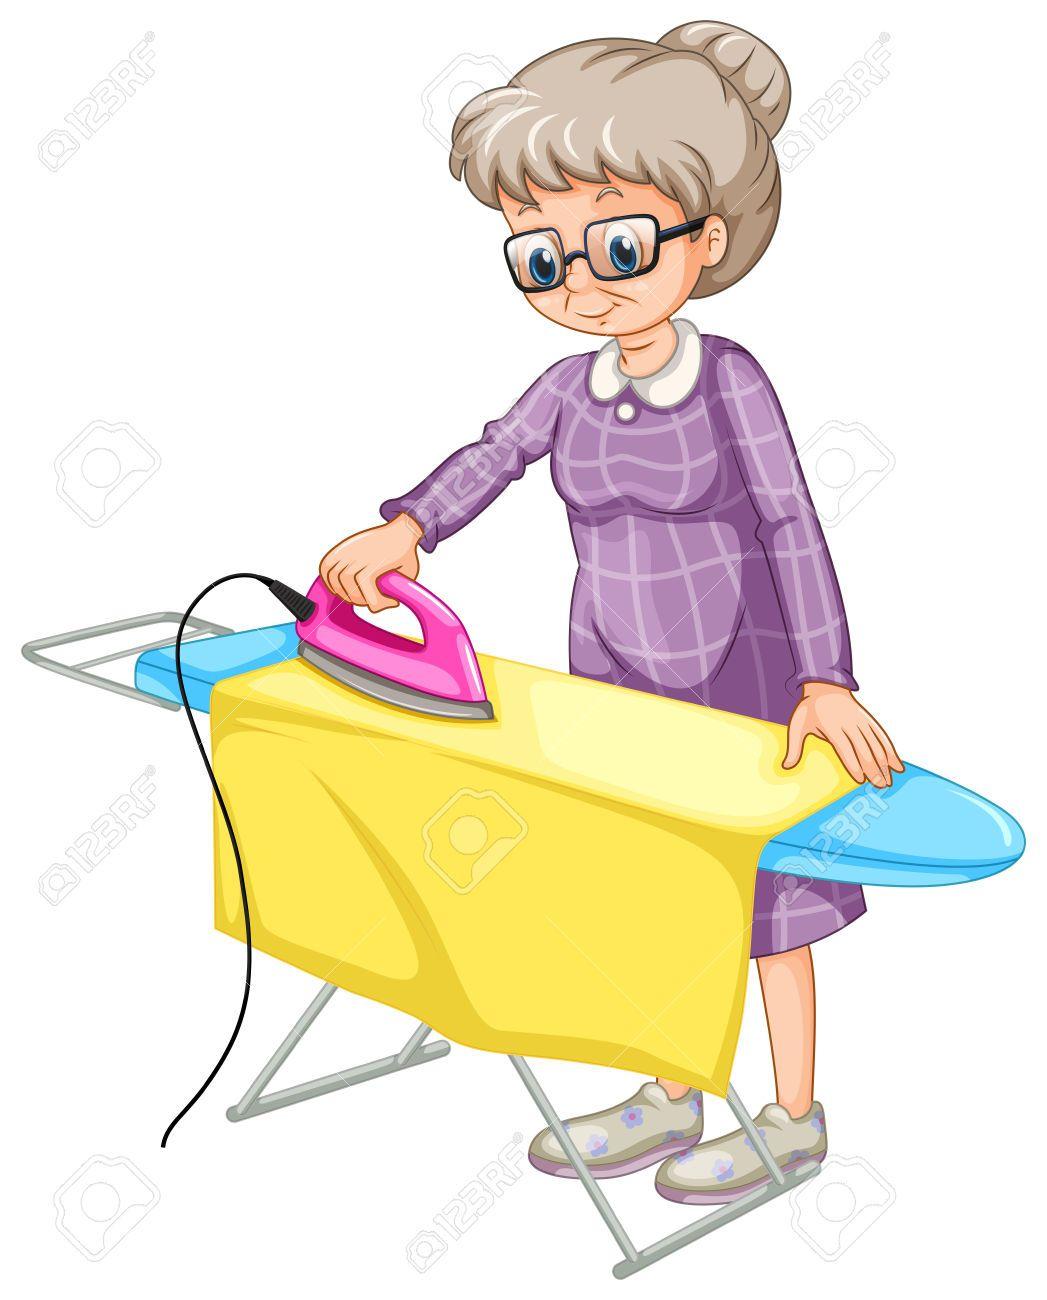 La anciana en la ma ana adora planchar su ropa en la sala - Planchado de ropa ...